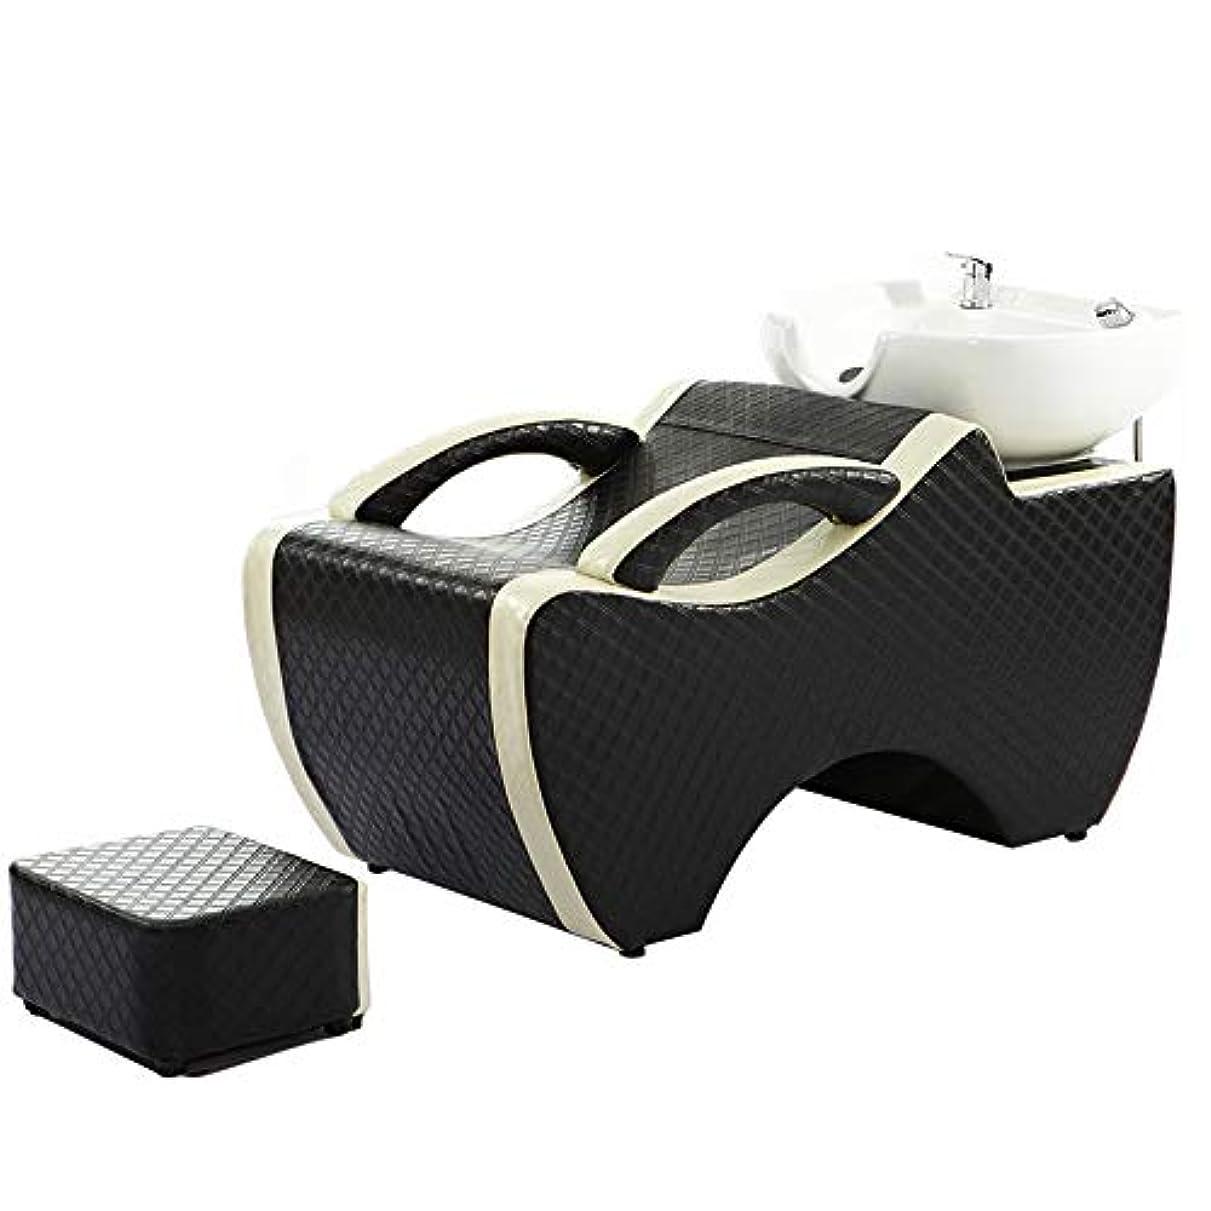 ベスト建物中央シャンプー椅子、逆洗ユニットシャンプーボウル理髪シンク椅子用スパ美容院ベッドセラミック洗面台